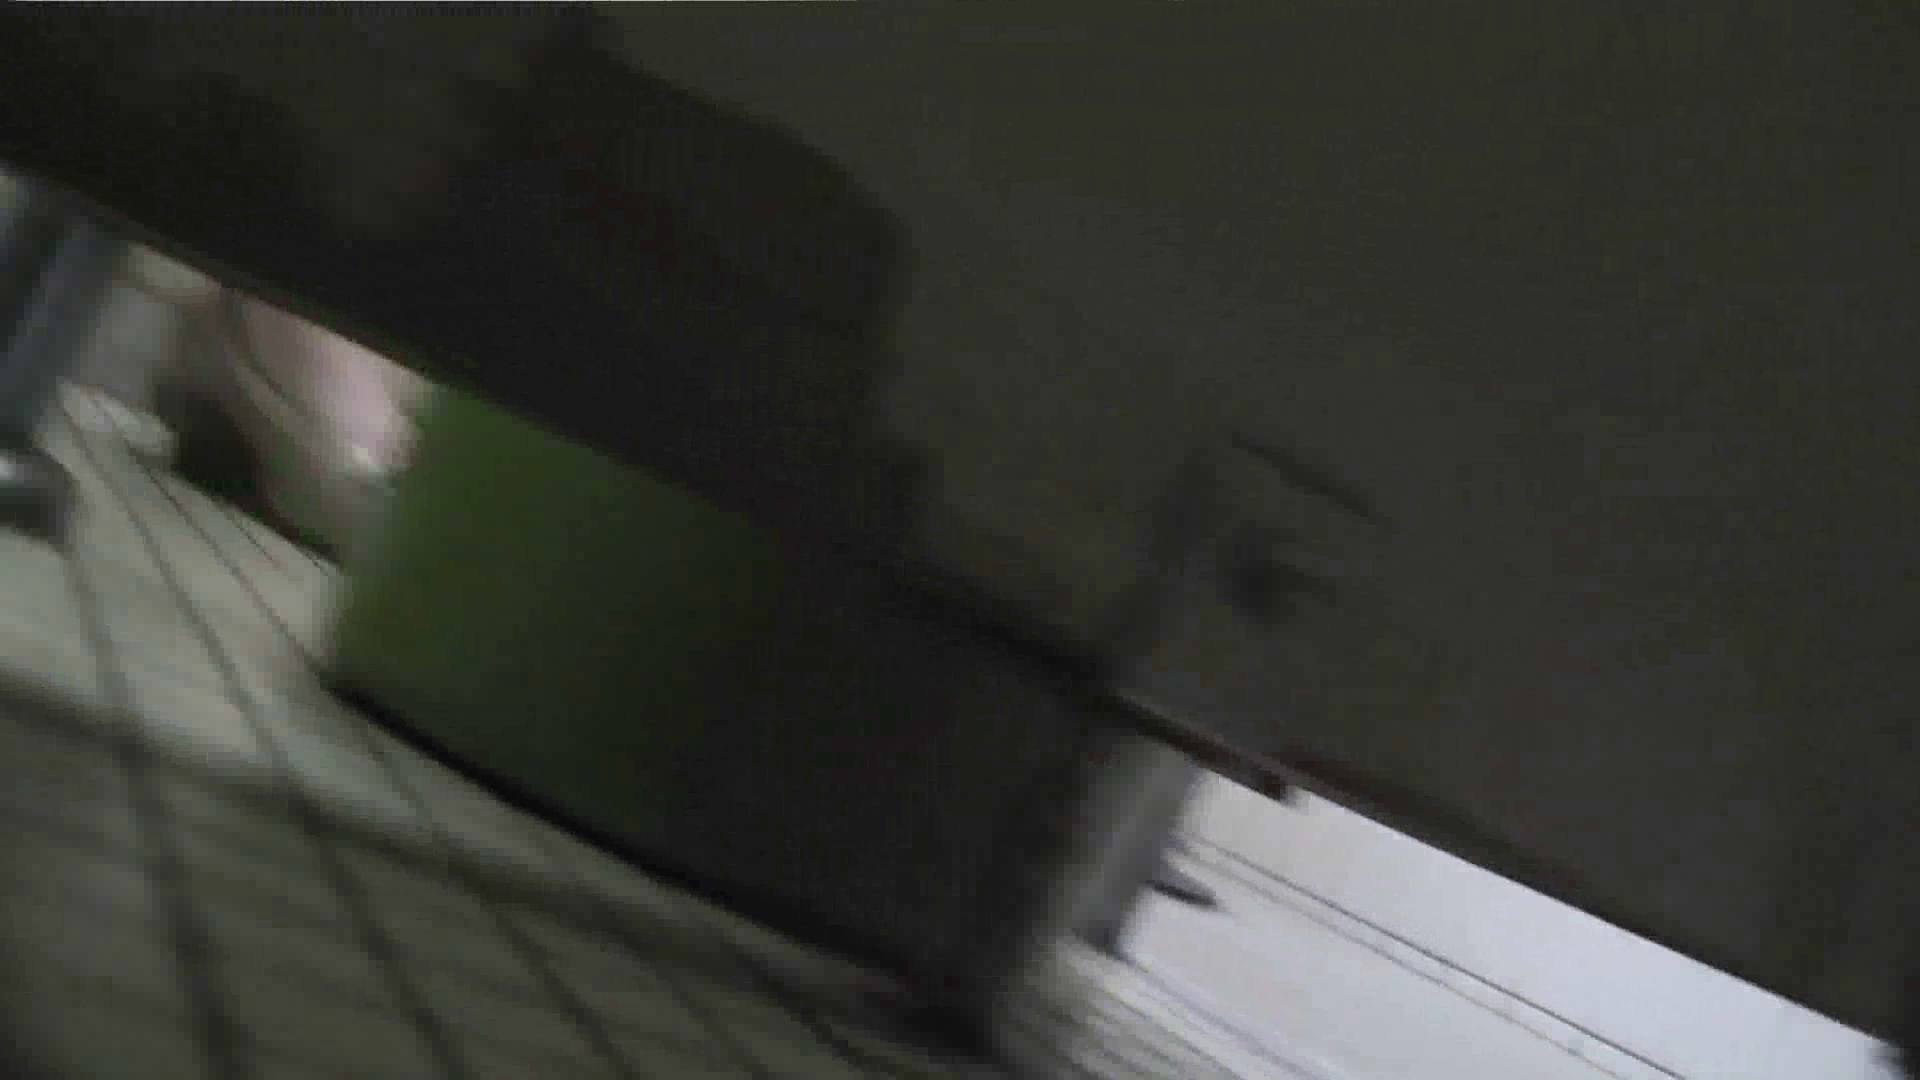 【美しき個室な世界】 vol.023 めんこい人たち 洗面所 | 色っぽいOL達  104pic 53